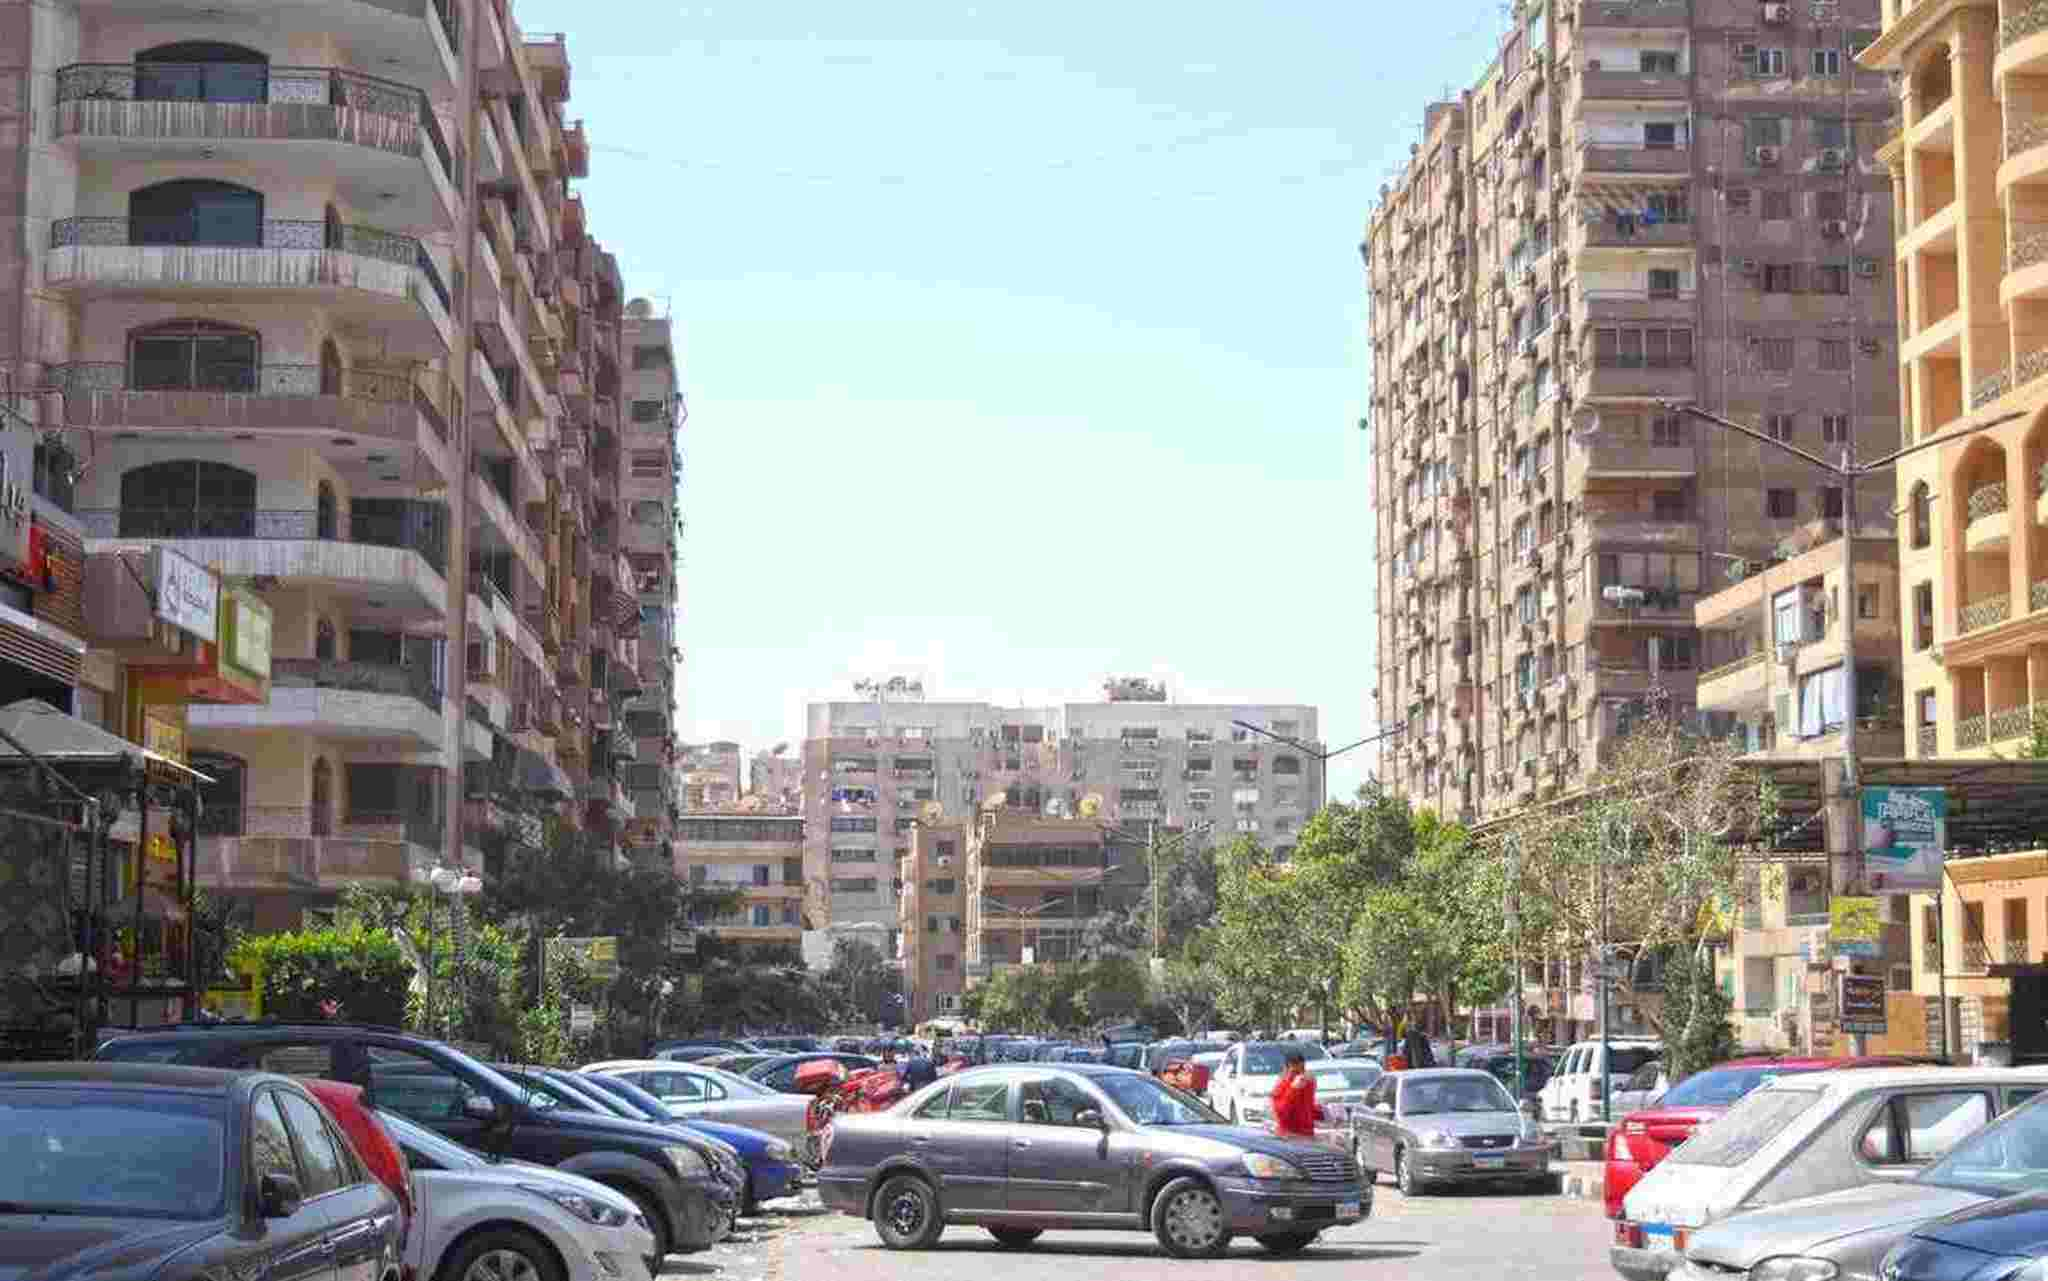 دليلك إلى أهم الخدمات في مدينة نصر - شوارع مدينة نصر